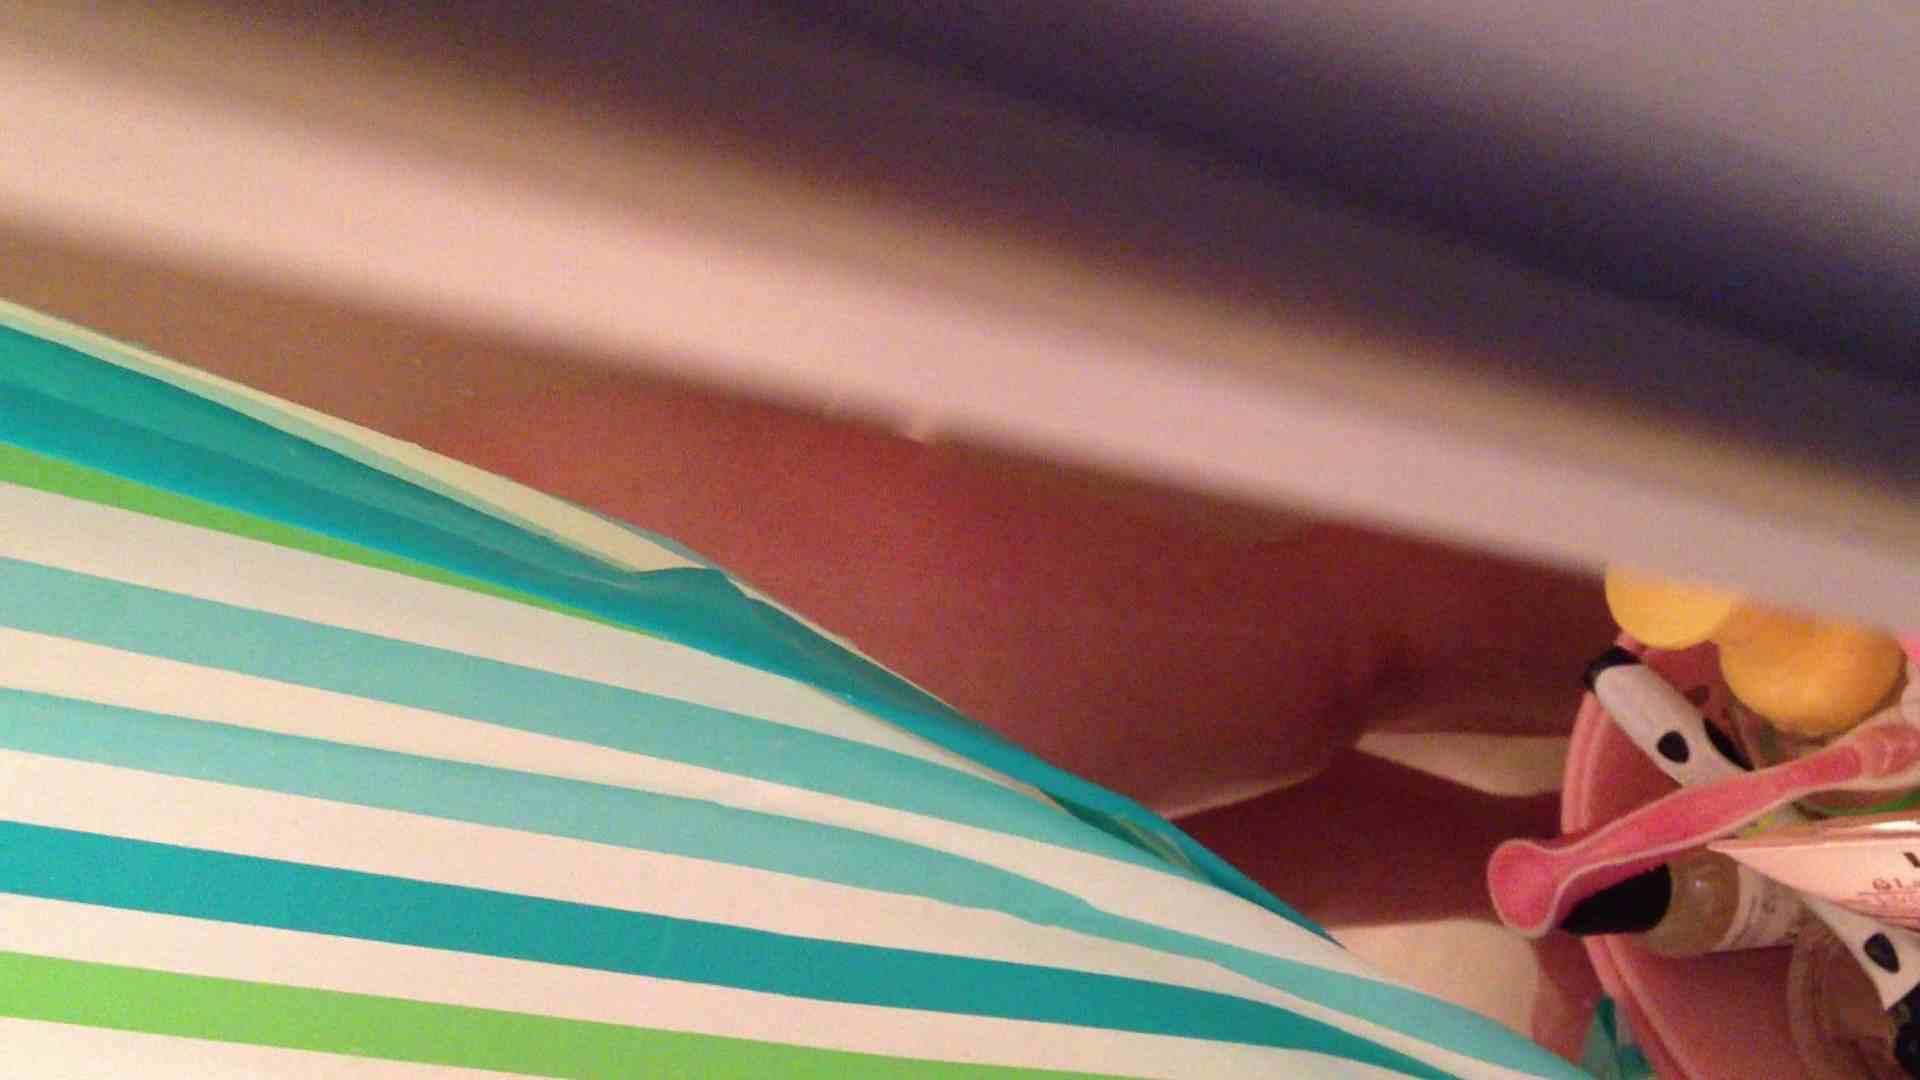 トイレ盗撮|16(16日目)シャワー中にムダ毛処理をする彼女|大奥